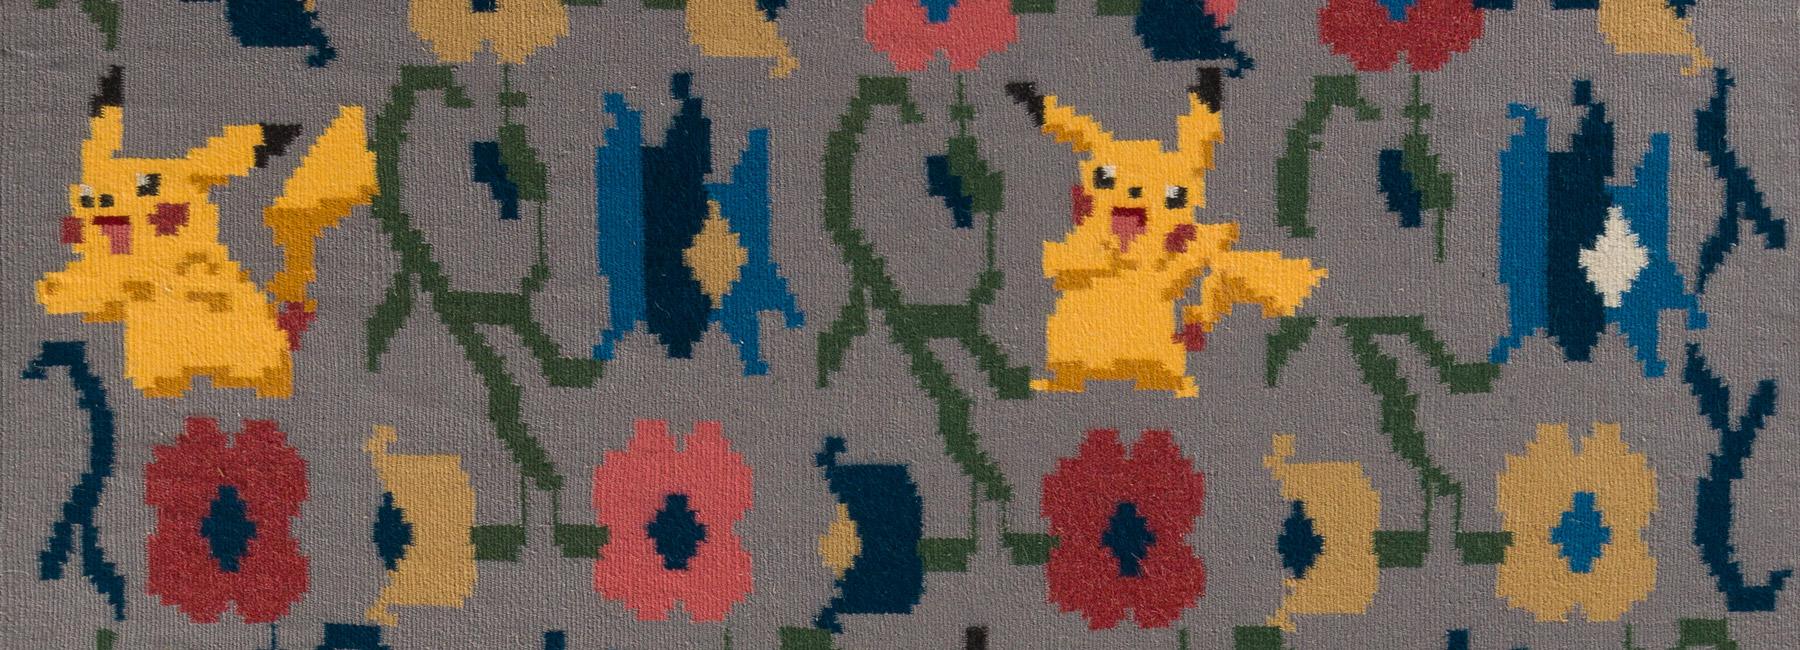 Erkennt ihr ihn? Das ist ein lustiger Pokémon-Teppich! (Foto: Olk Manufactory)